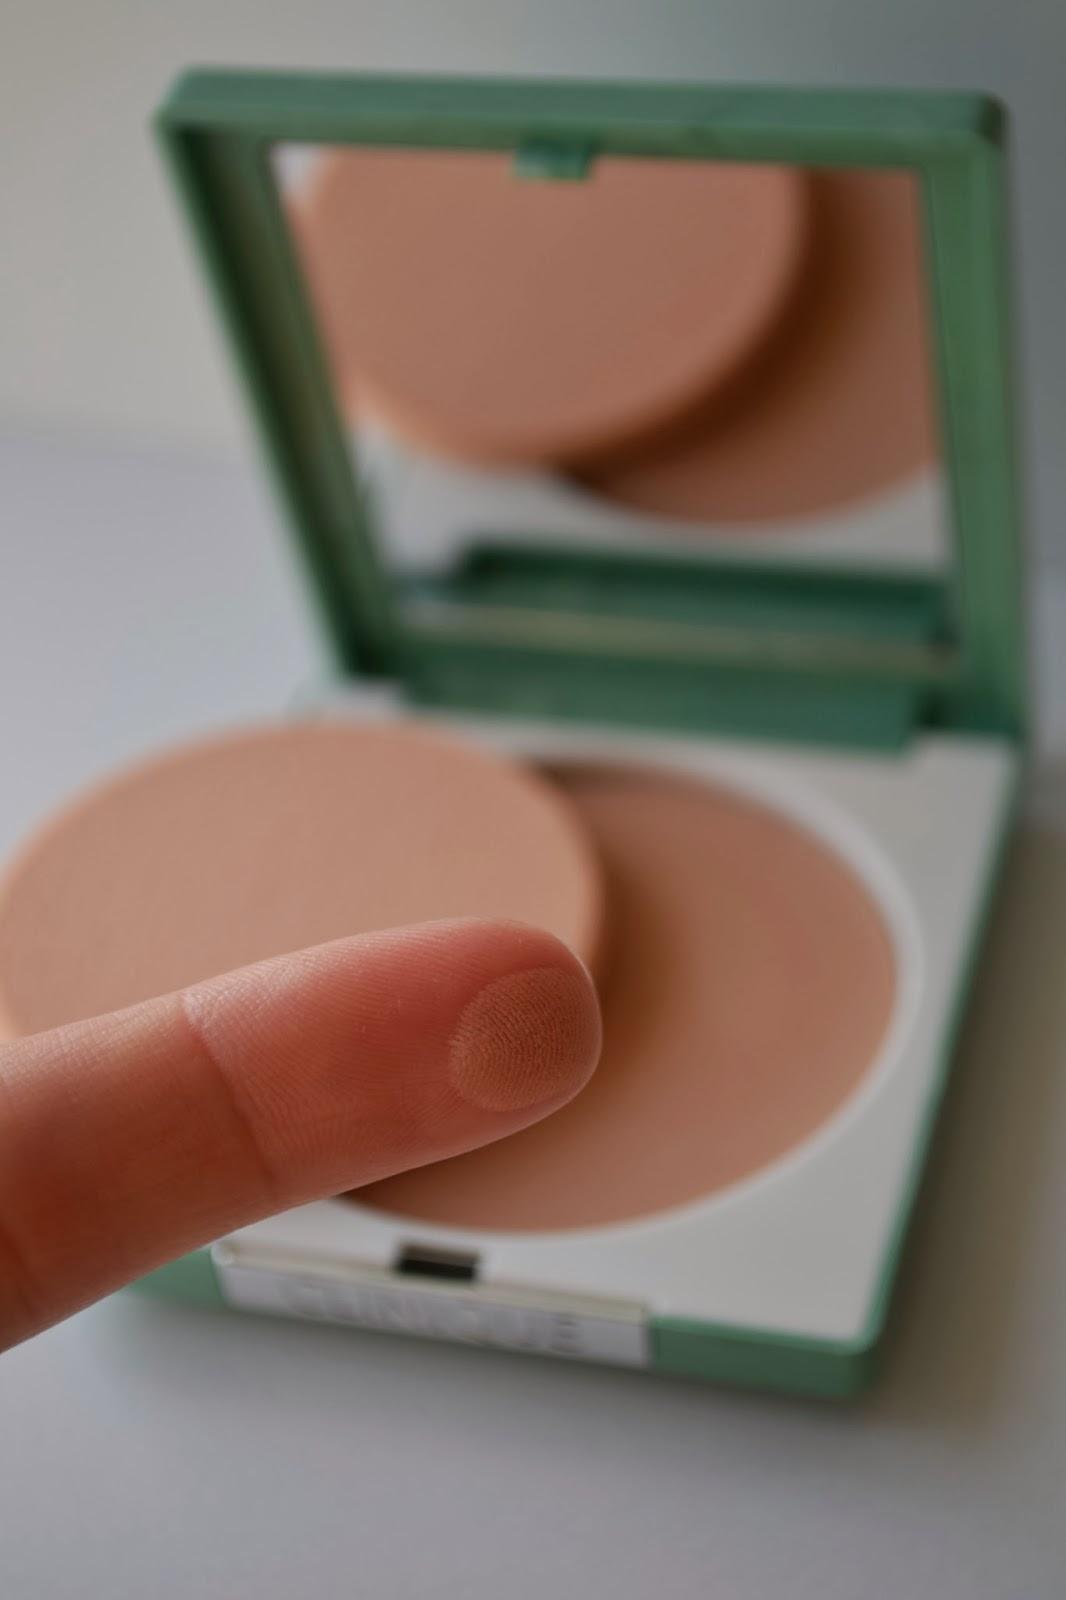 clinique mascara, clinique sephora,kosmetyki clinique anti blemish, clinique do twarzy, clinique kosmetyki do makijażu, kosmetyki clinique opinie,clinique puder, kosmetyki clinique zestawy,